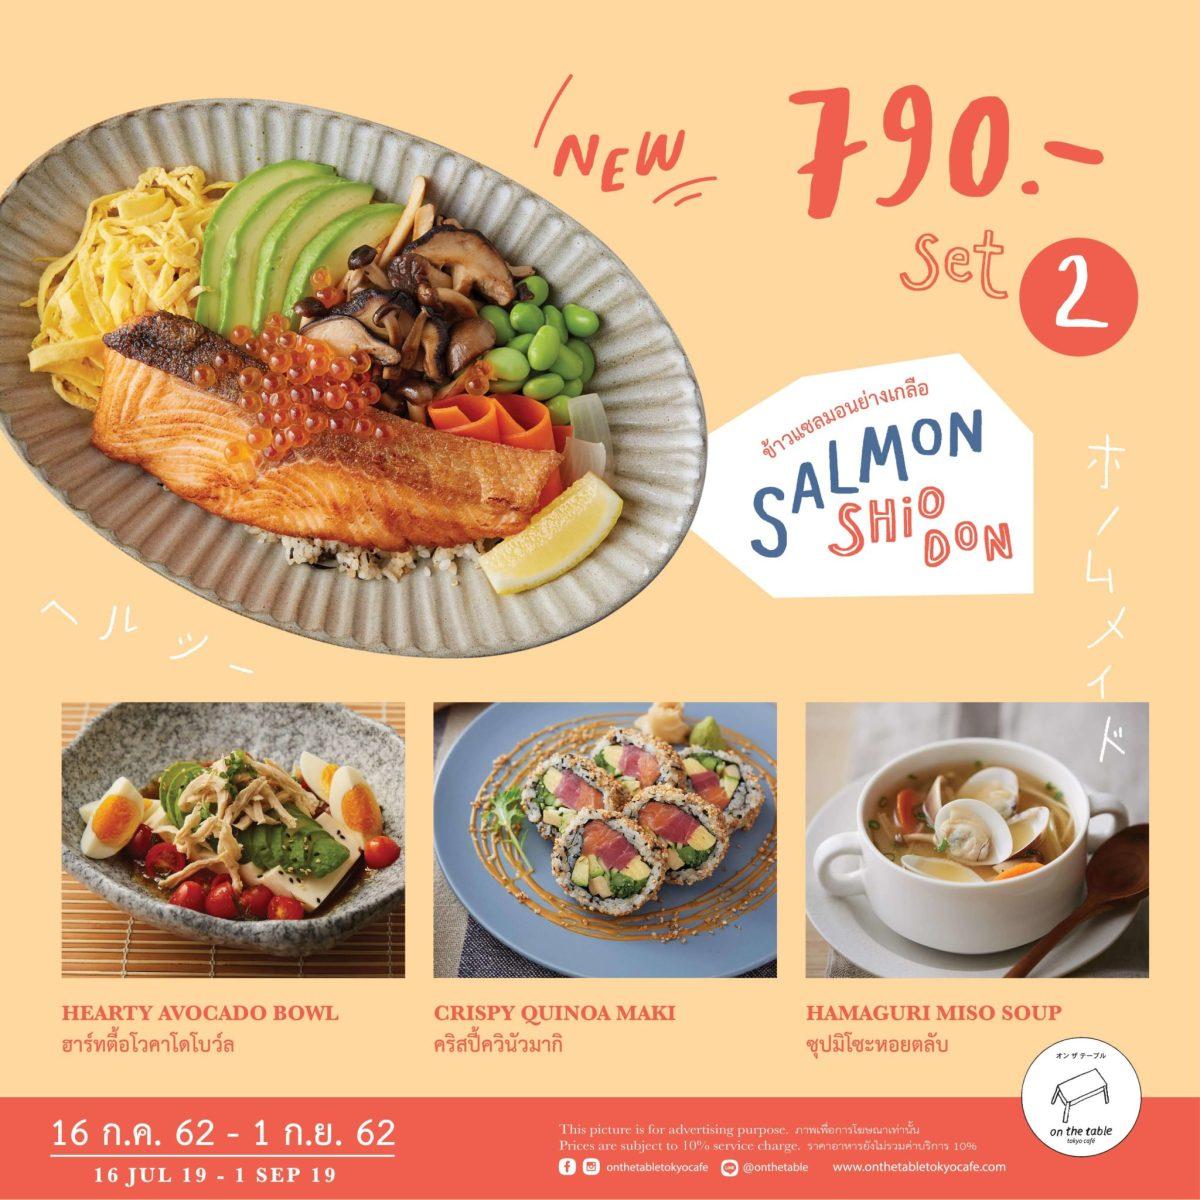 On the Table, Tokyo Café จัดแคมเปญพิเศษ • EAT • TASTE • LOVE • จัด 3 เซ็ตสุดคุ้มที่จะมาเติมเต็มความสุขแบบเต็มโต๊ะ 15 -